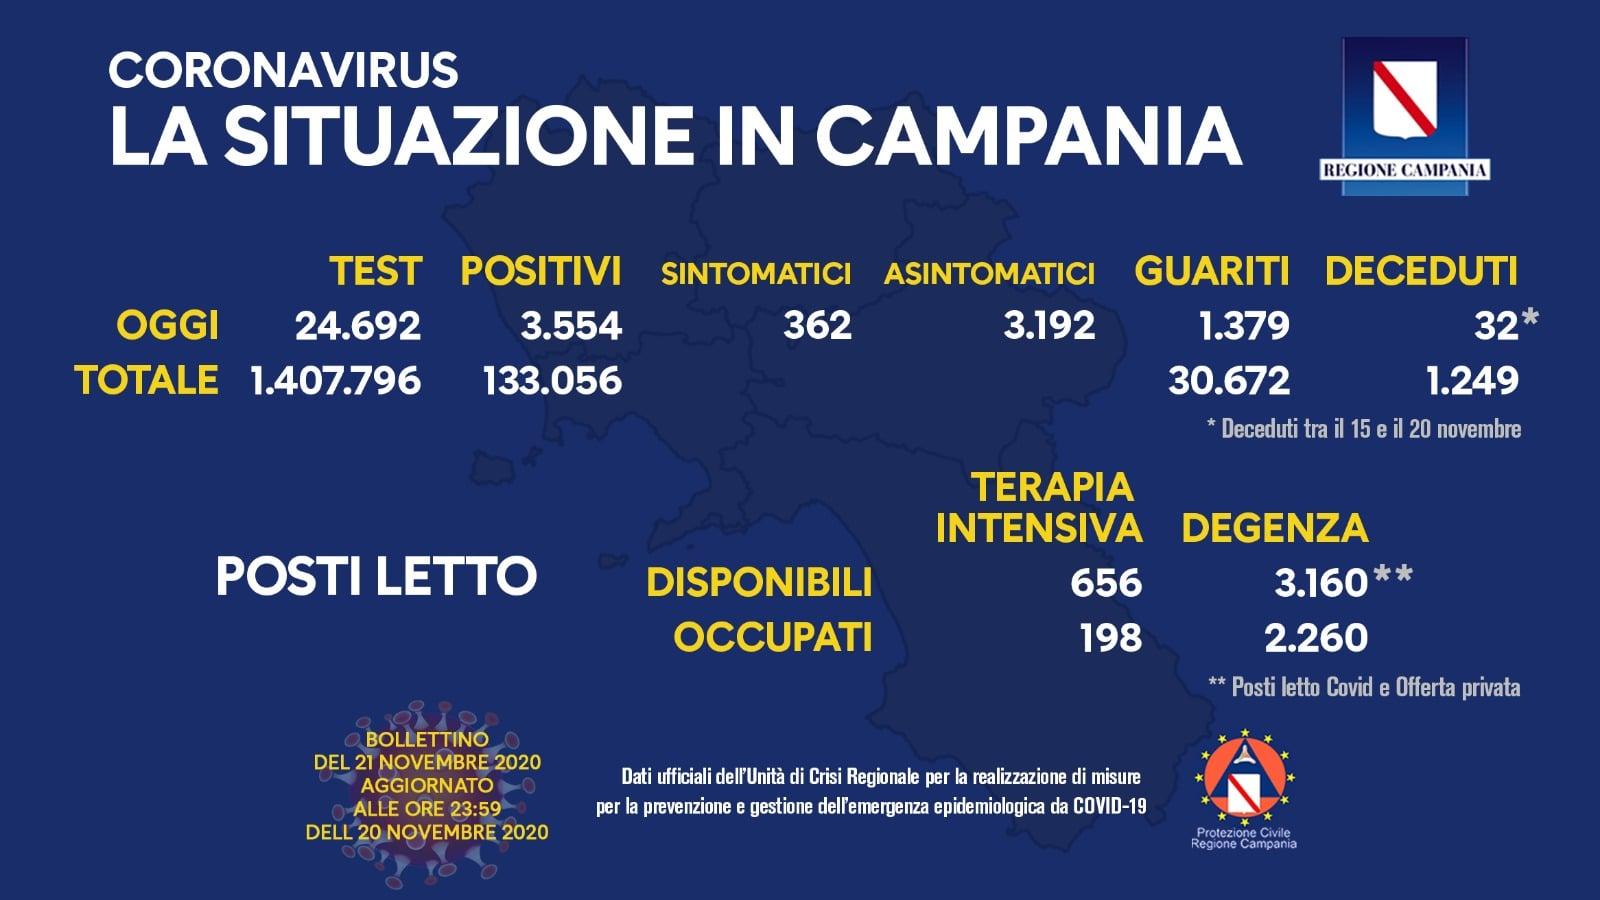 Coronavirus in Campania, bollettino di oggi 20 novembre 2020